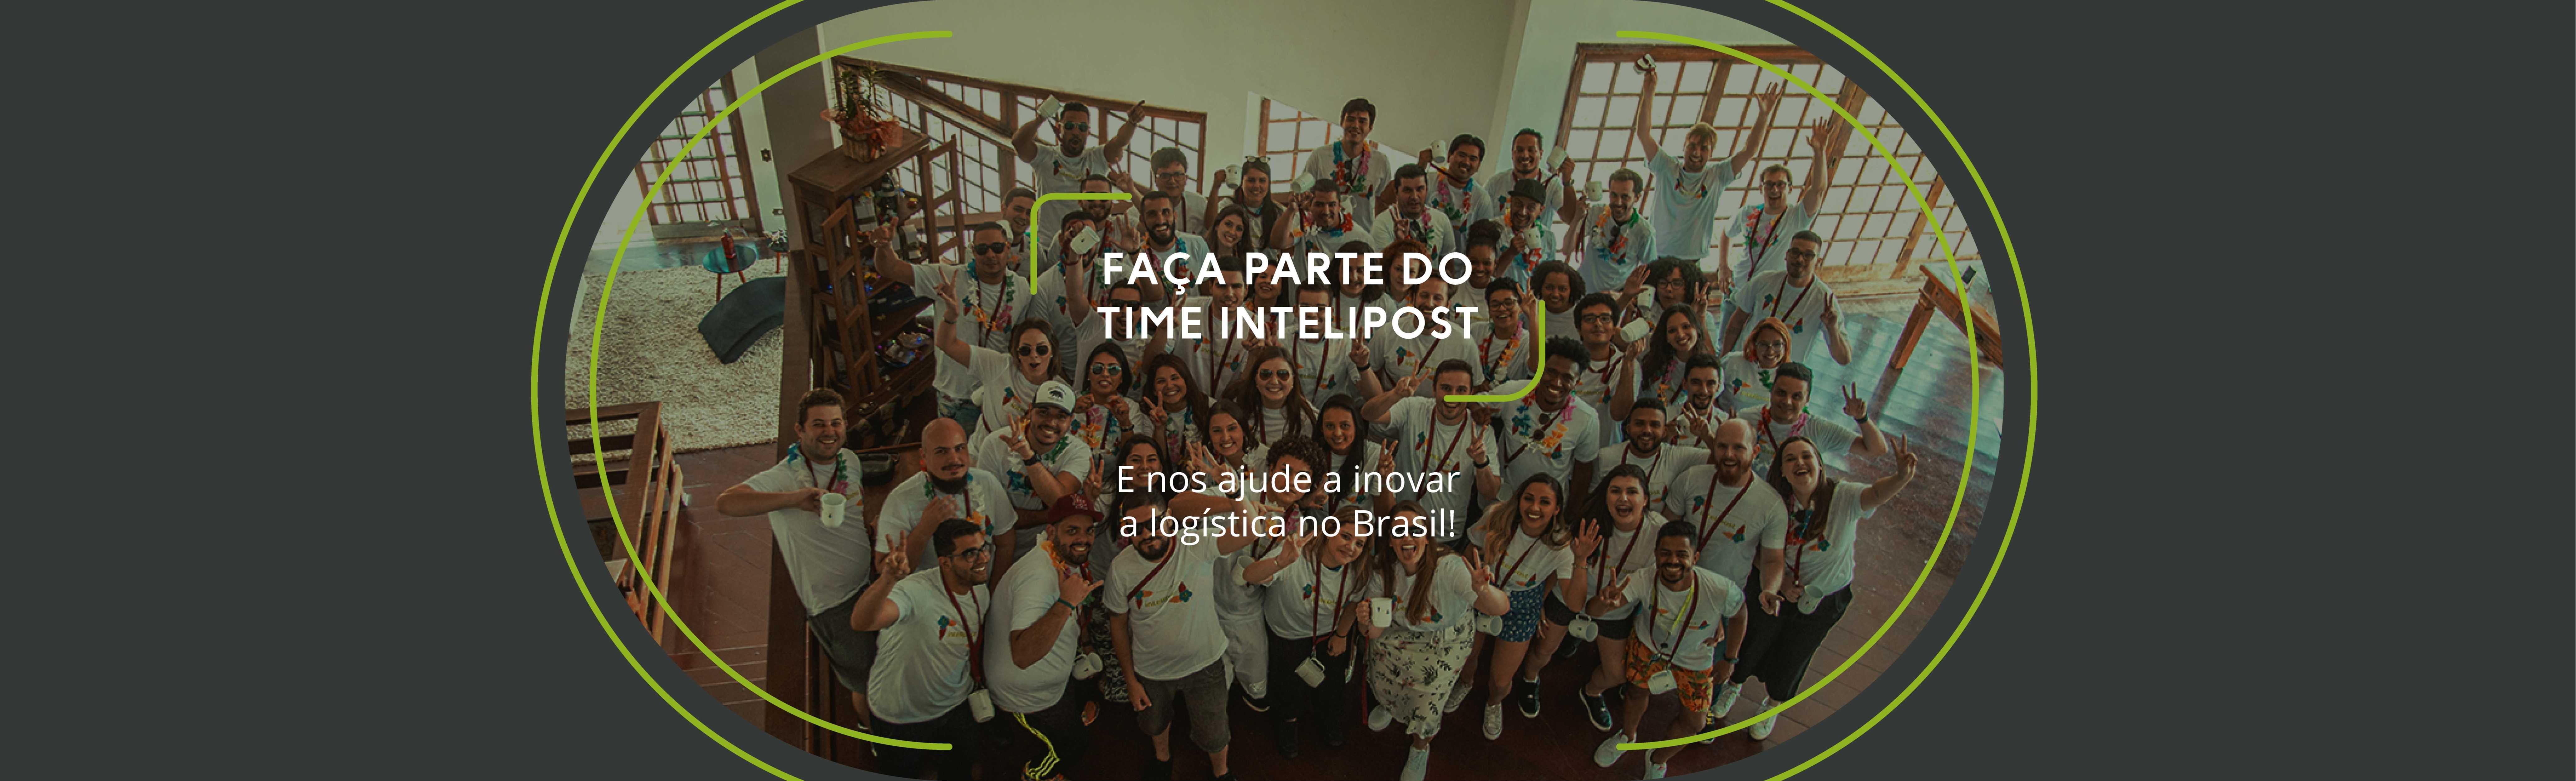 Banco de Talentos #TechTeam